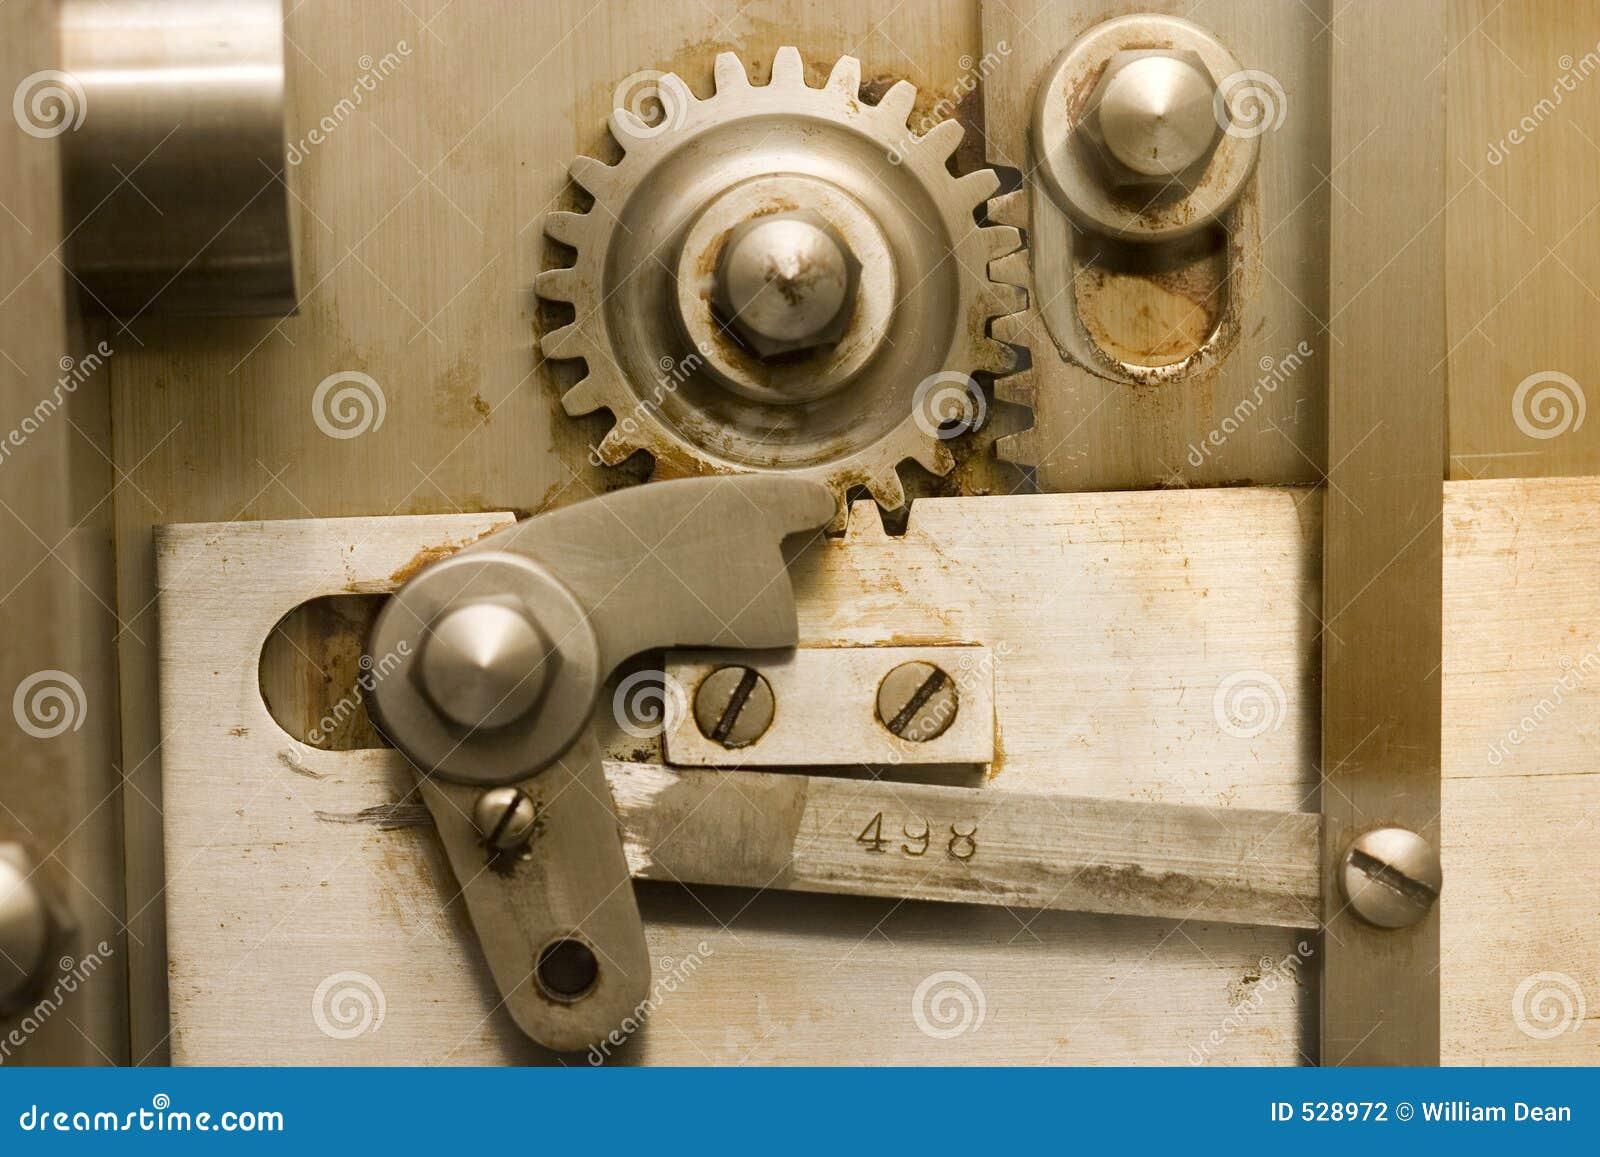 Download 1安全的齿轮 库存照片. 图片 包括有 安全, 嵌齿轮, 螺丝, 轮子, 金属, 行动, 设备, 结构, 纹理 - 528972